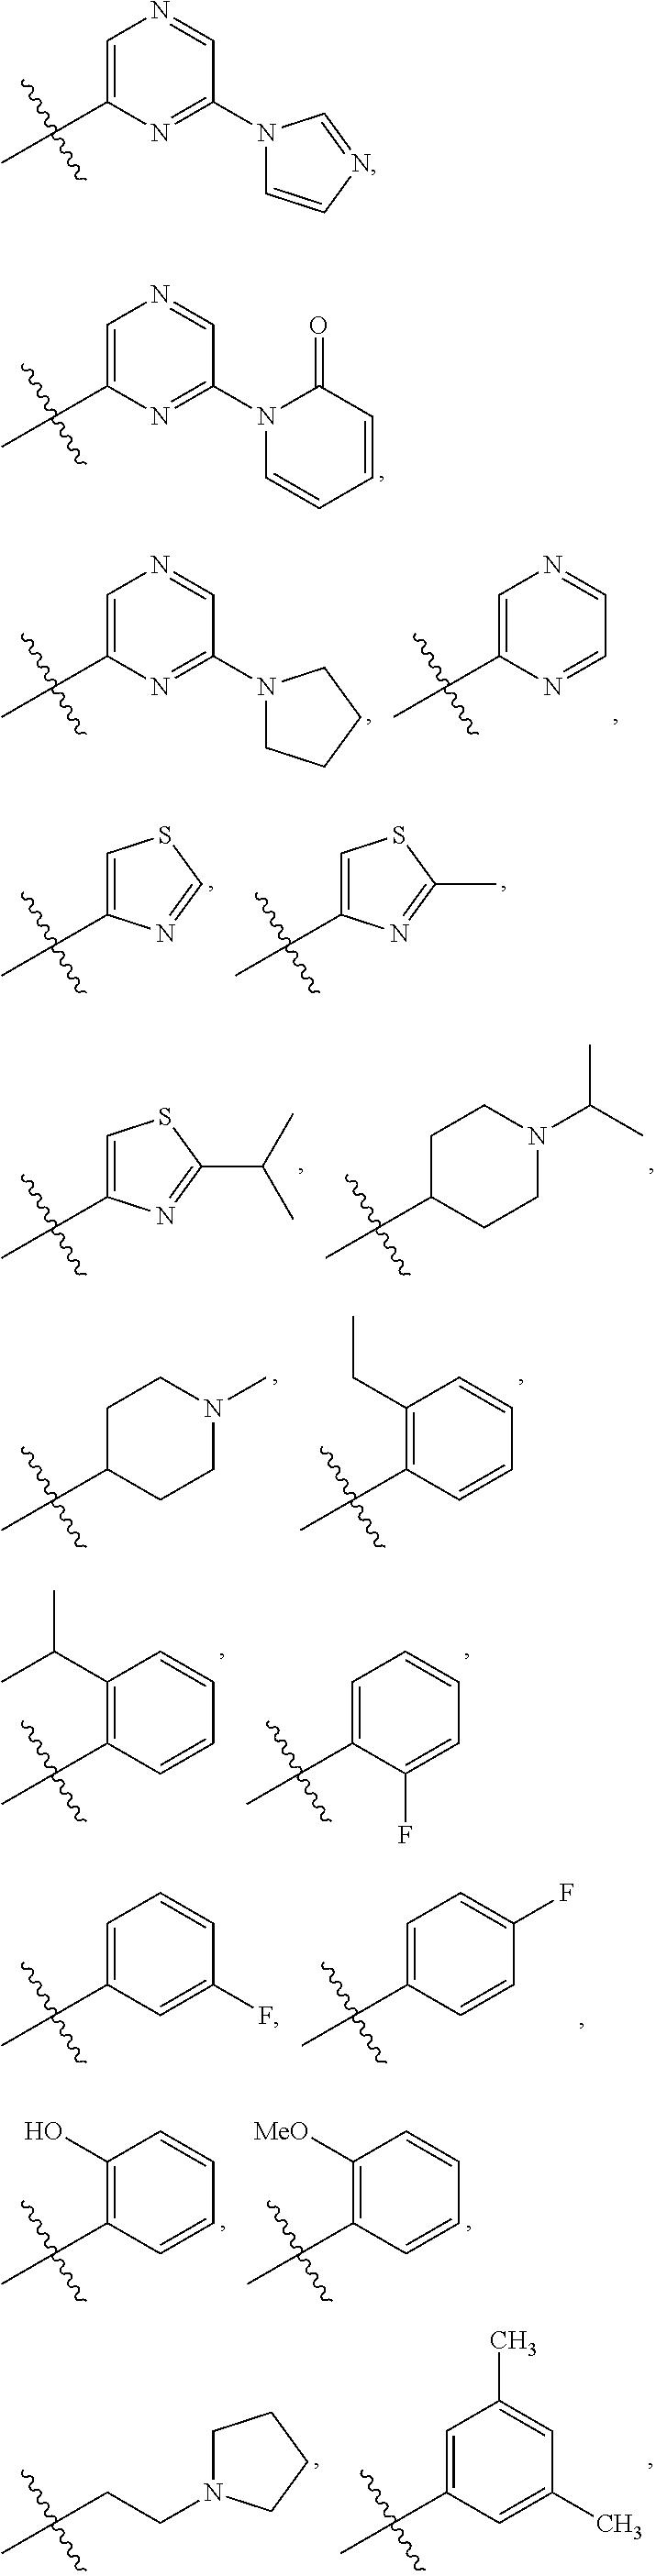 Figure US08940742-20150127-C00041